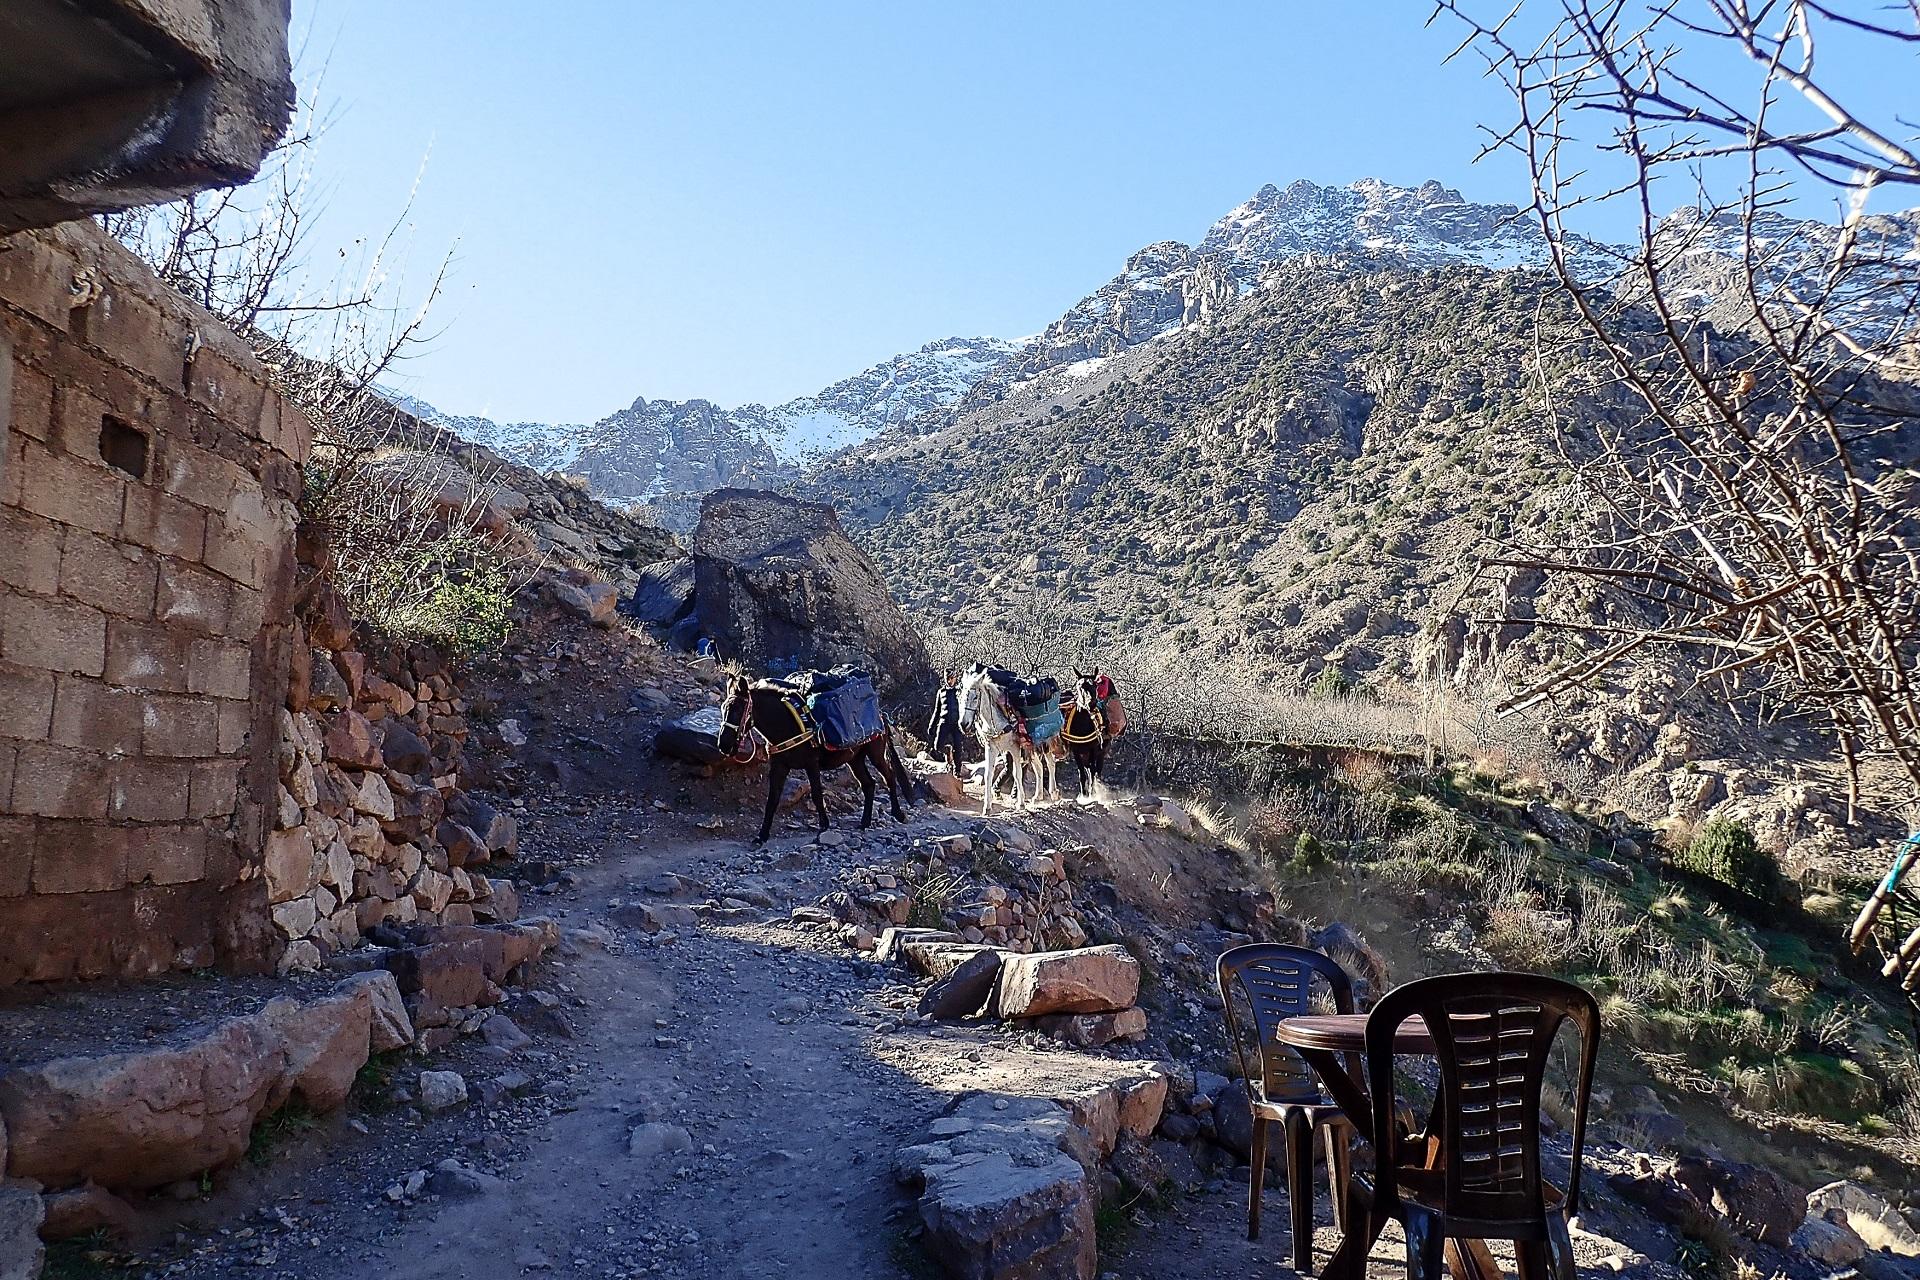 Częsty widok na szlaku - muły